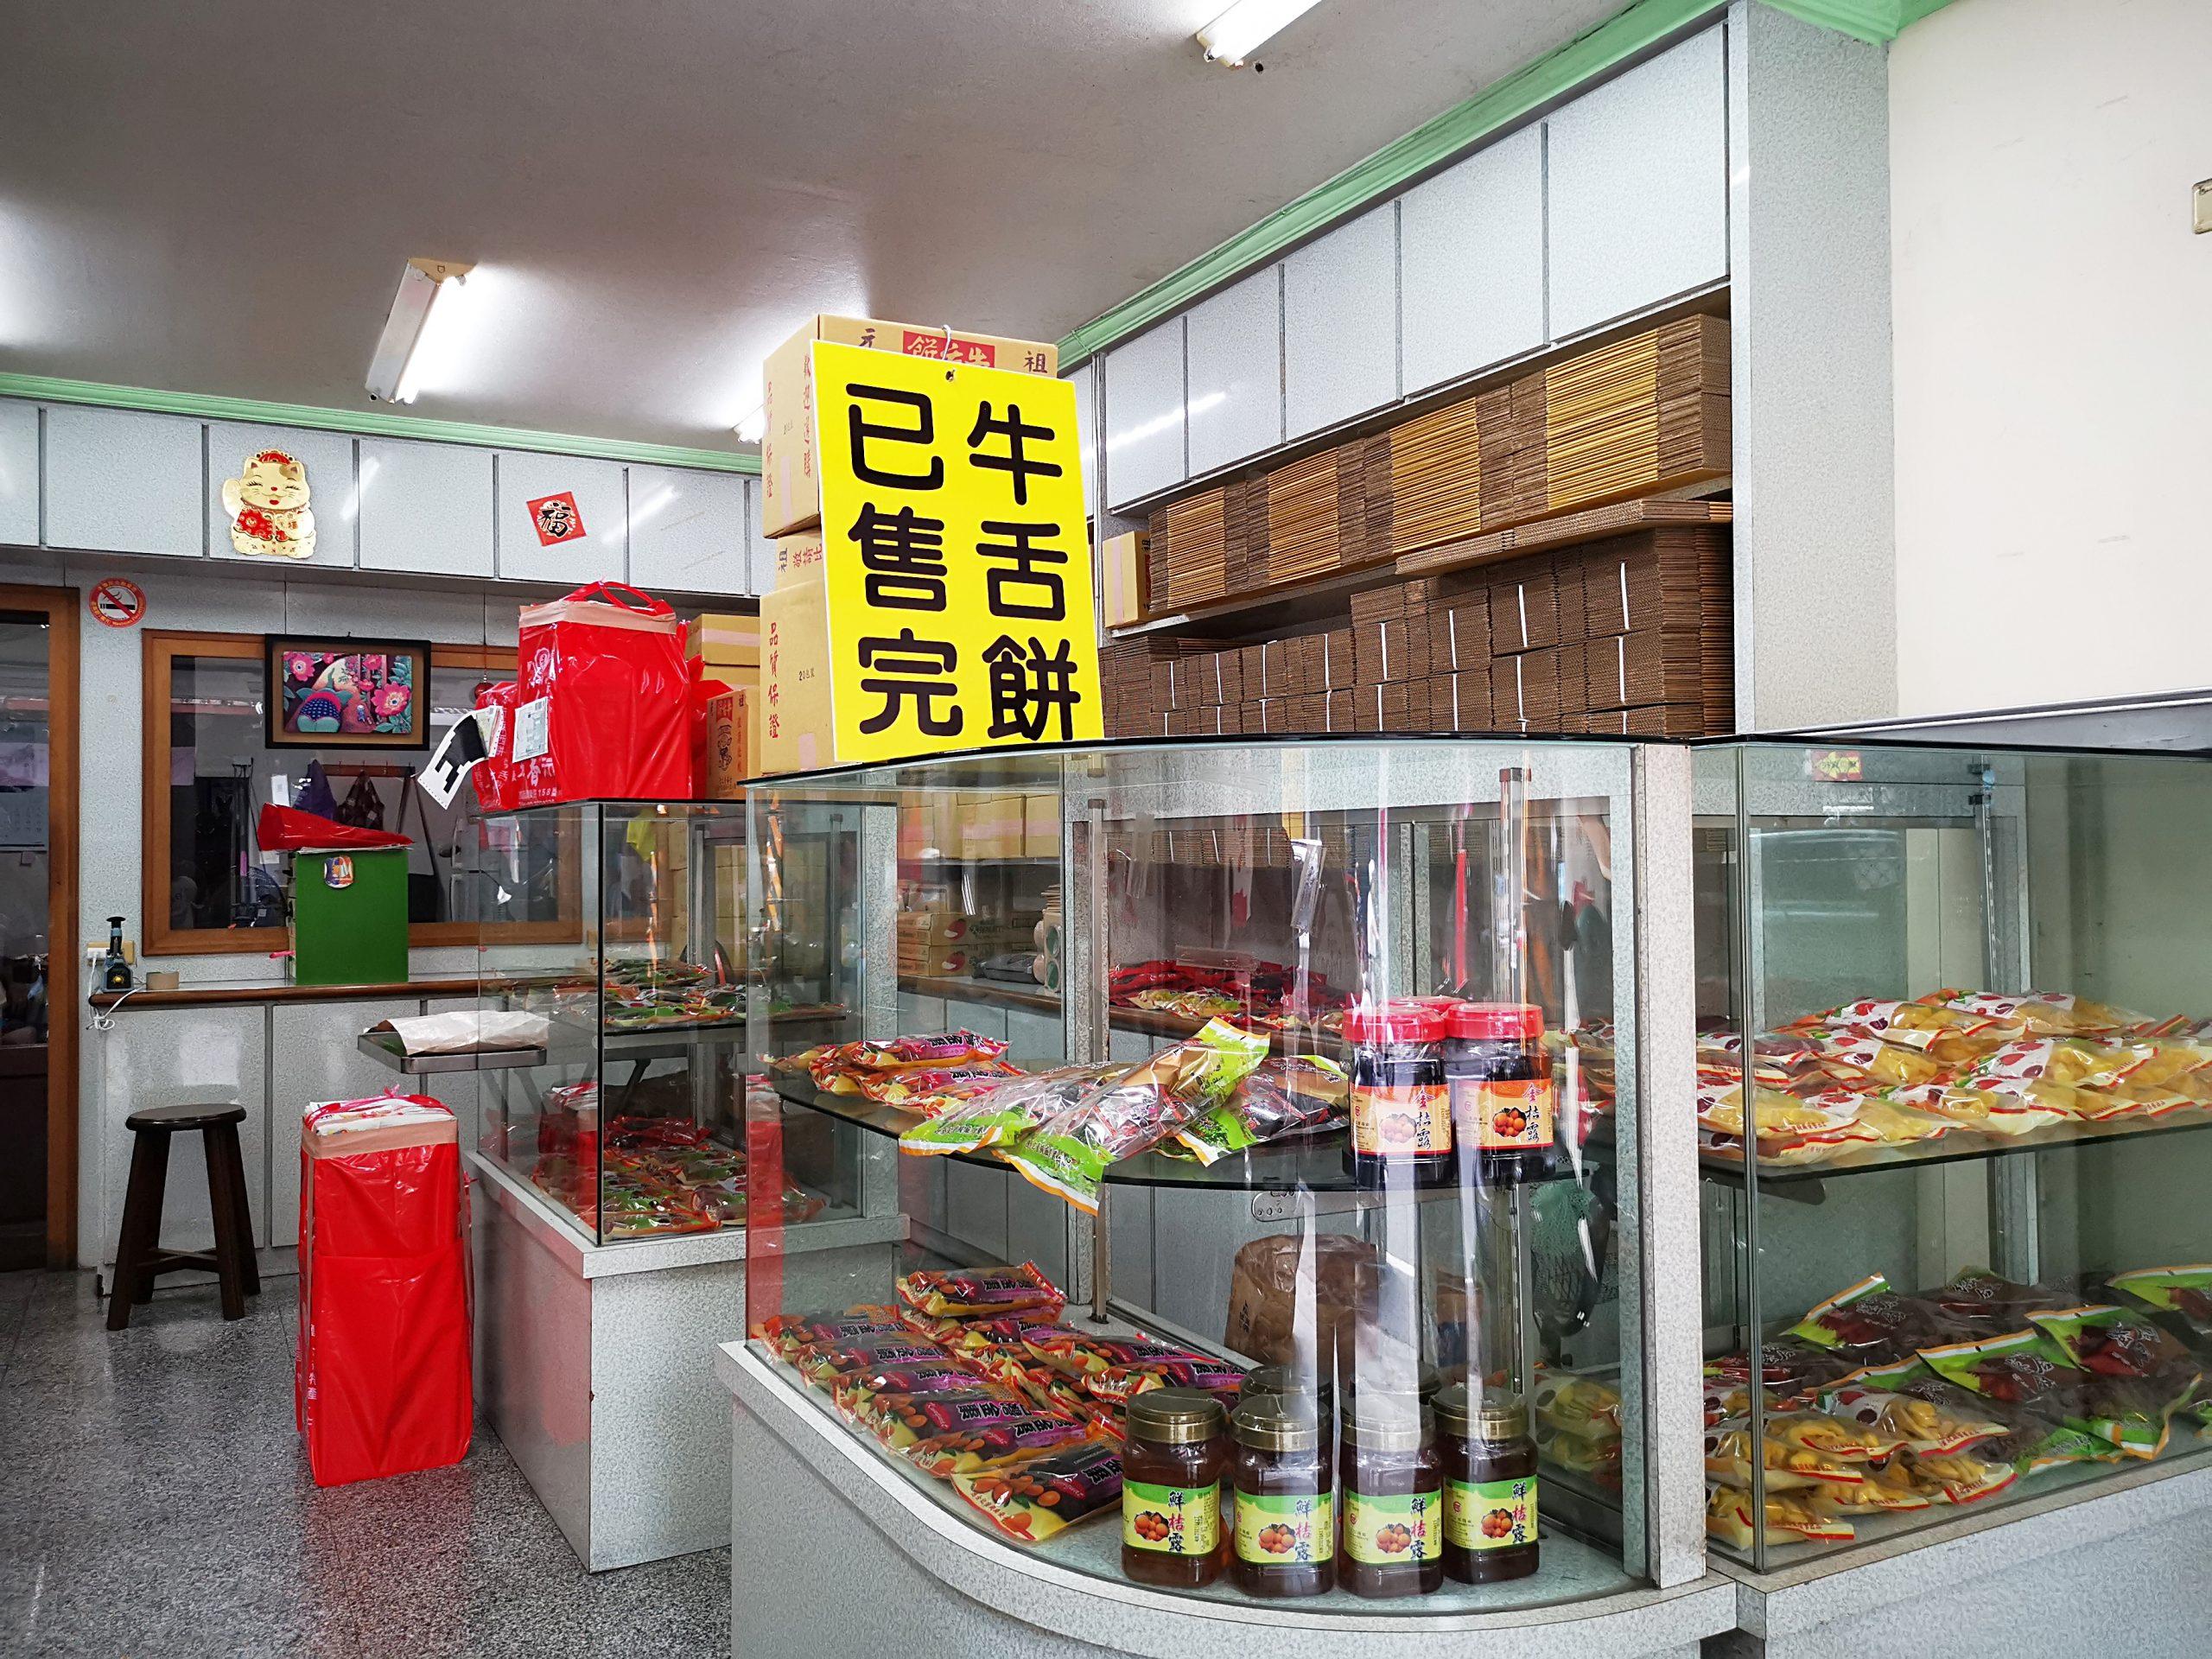 【牛肉食譜】和牛料理|中華炒飯與乾煎日本和牛肉片的完美組合 @Maruko與美食有個約會